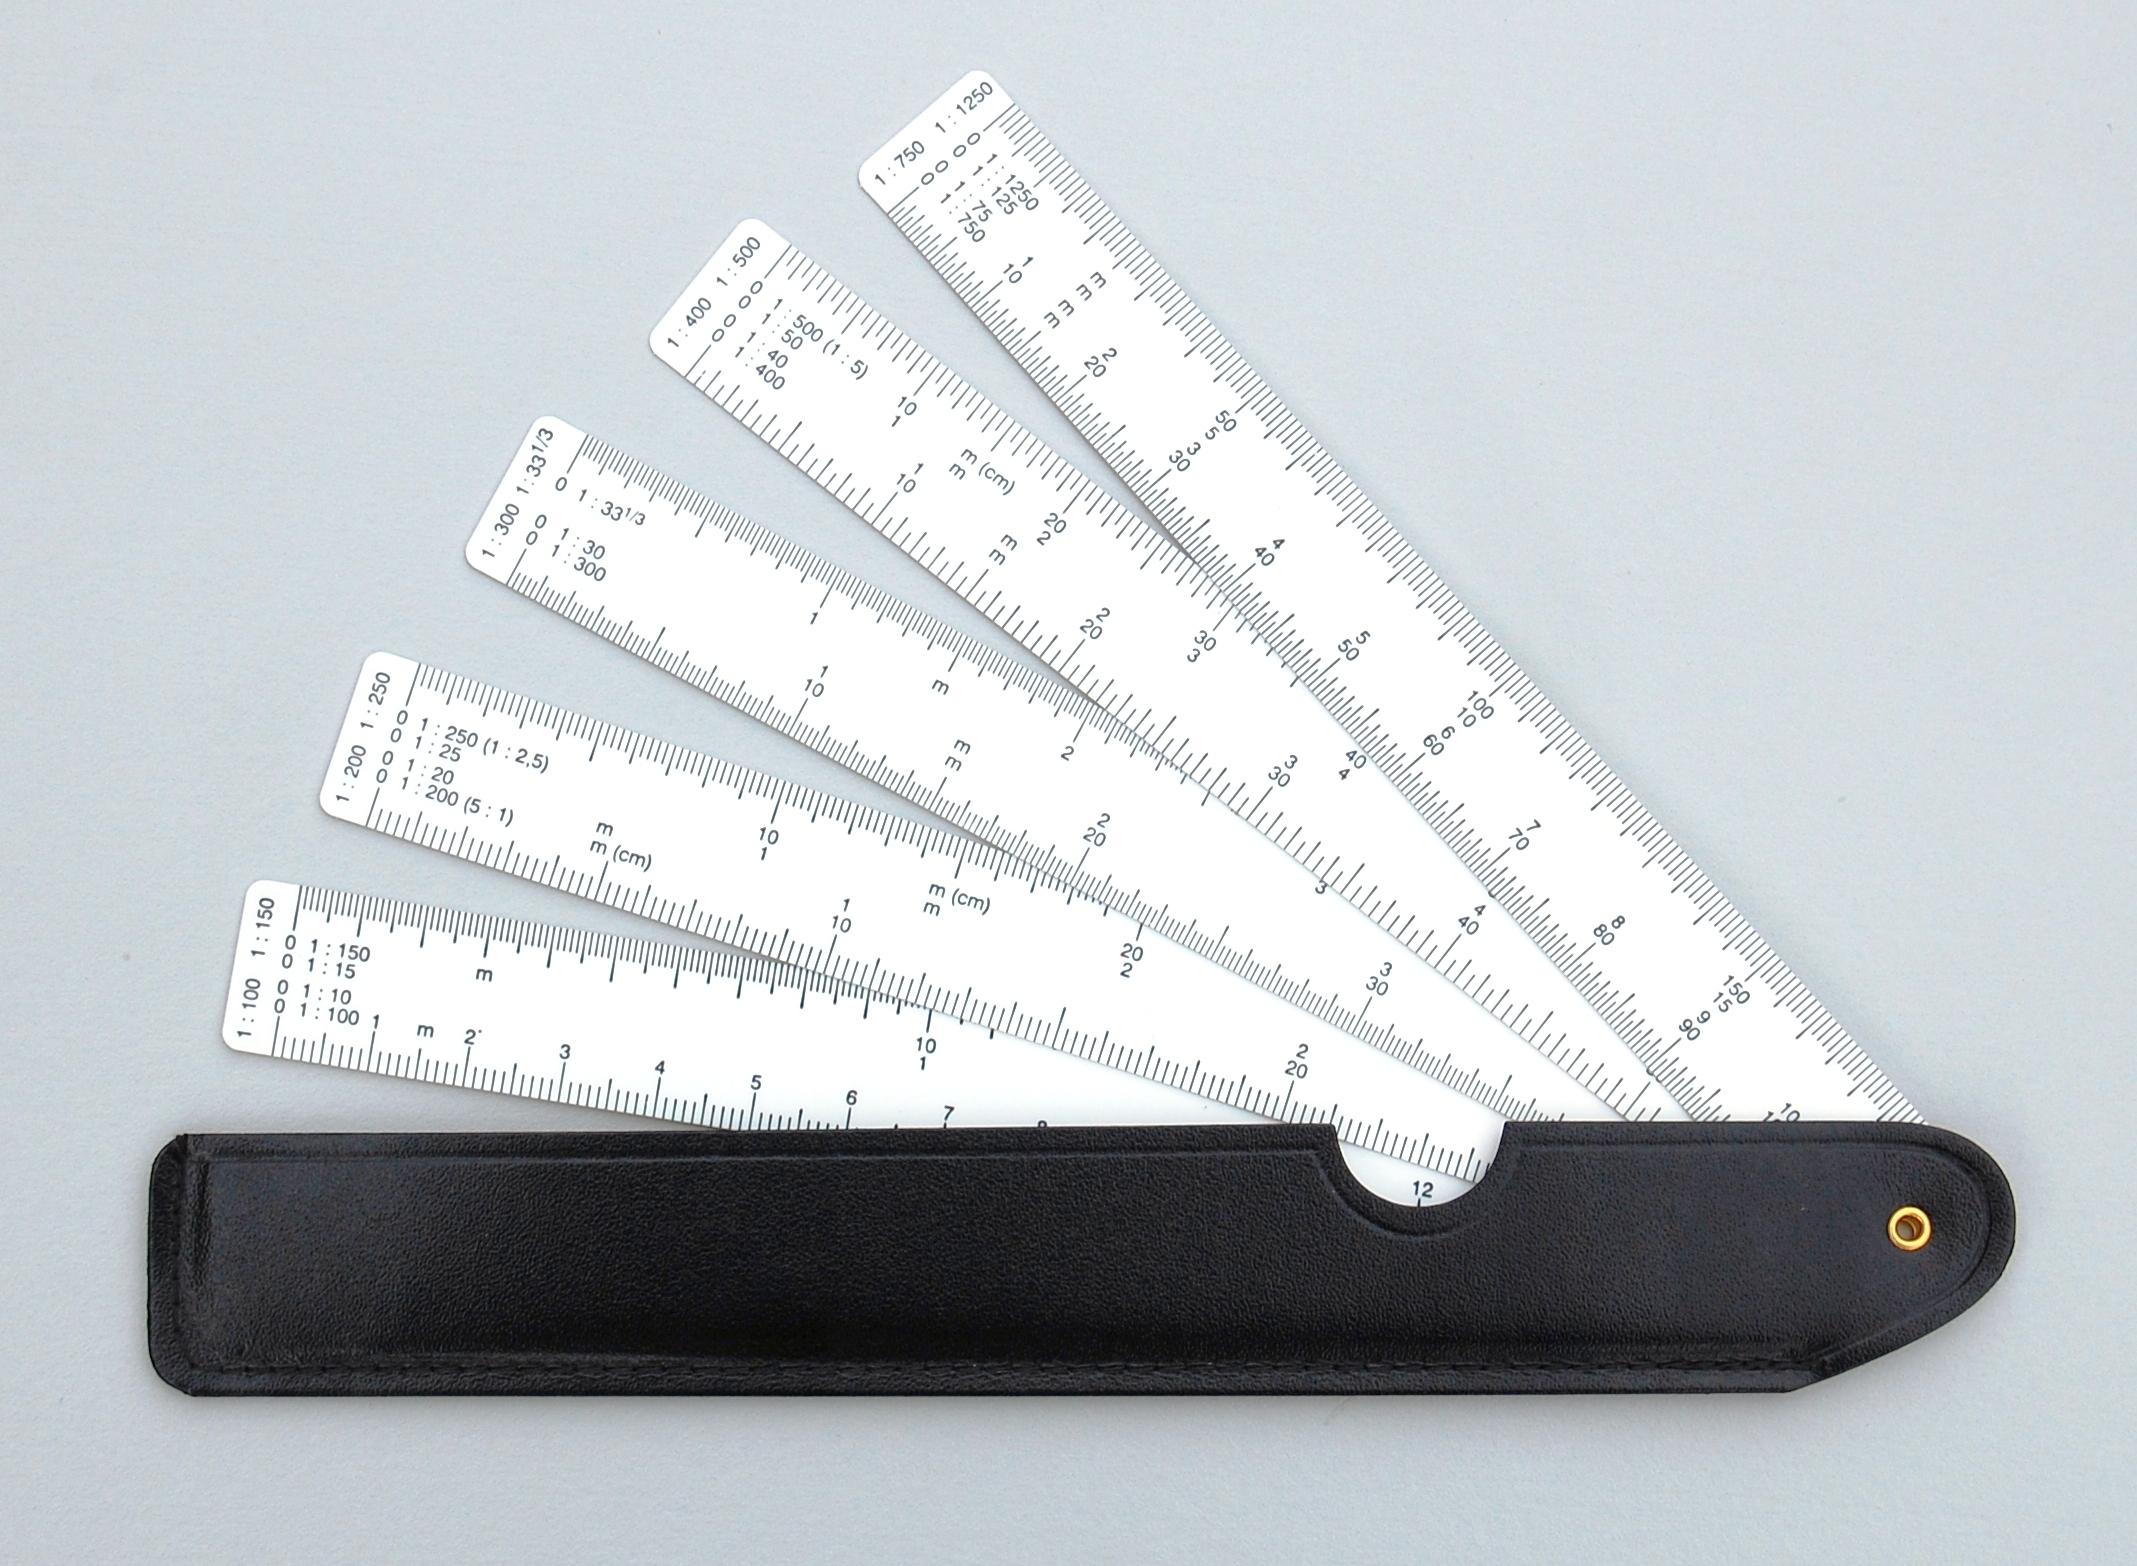 Blower scale, - Constructor Zeichentechnik